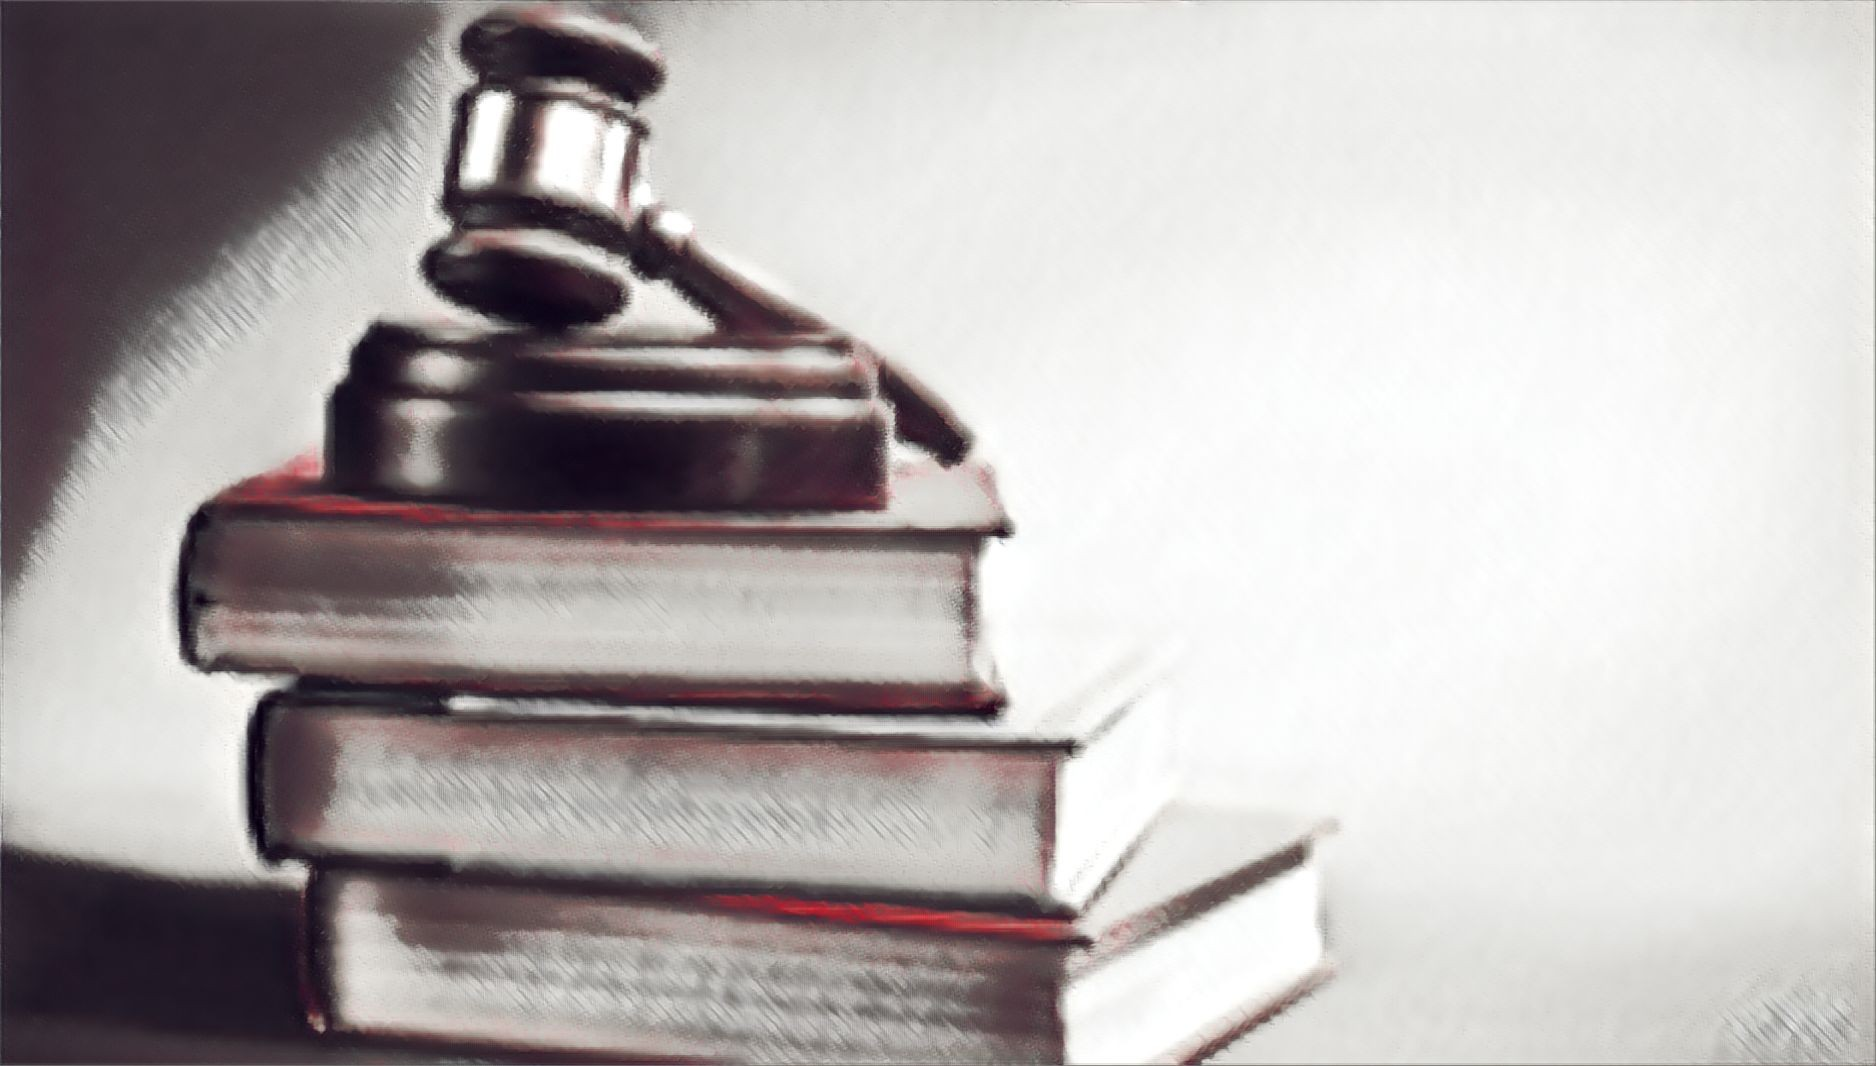 2020年5月电子借条可以最为诉讼凭证了